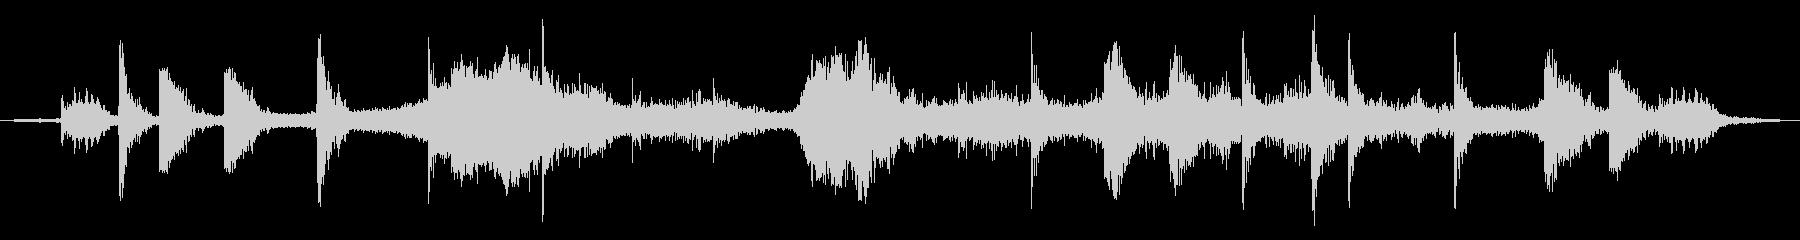 戦場イメージの効果音(タイプB)の未再生の波形